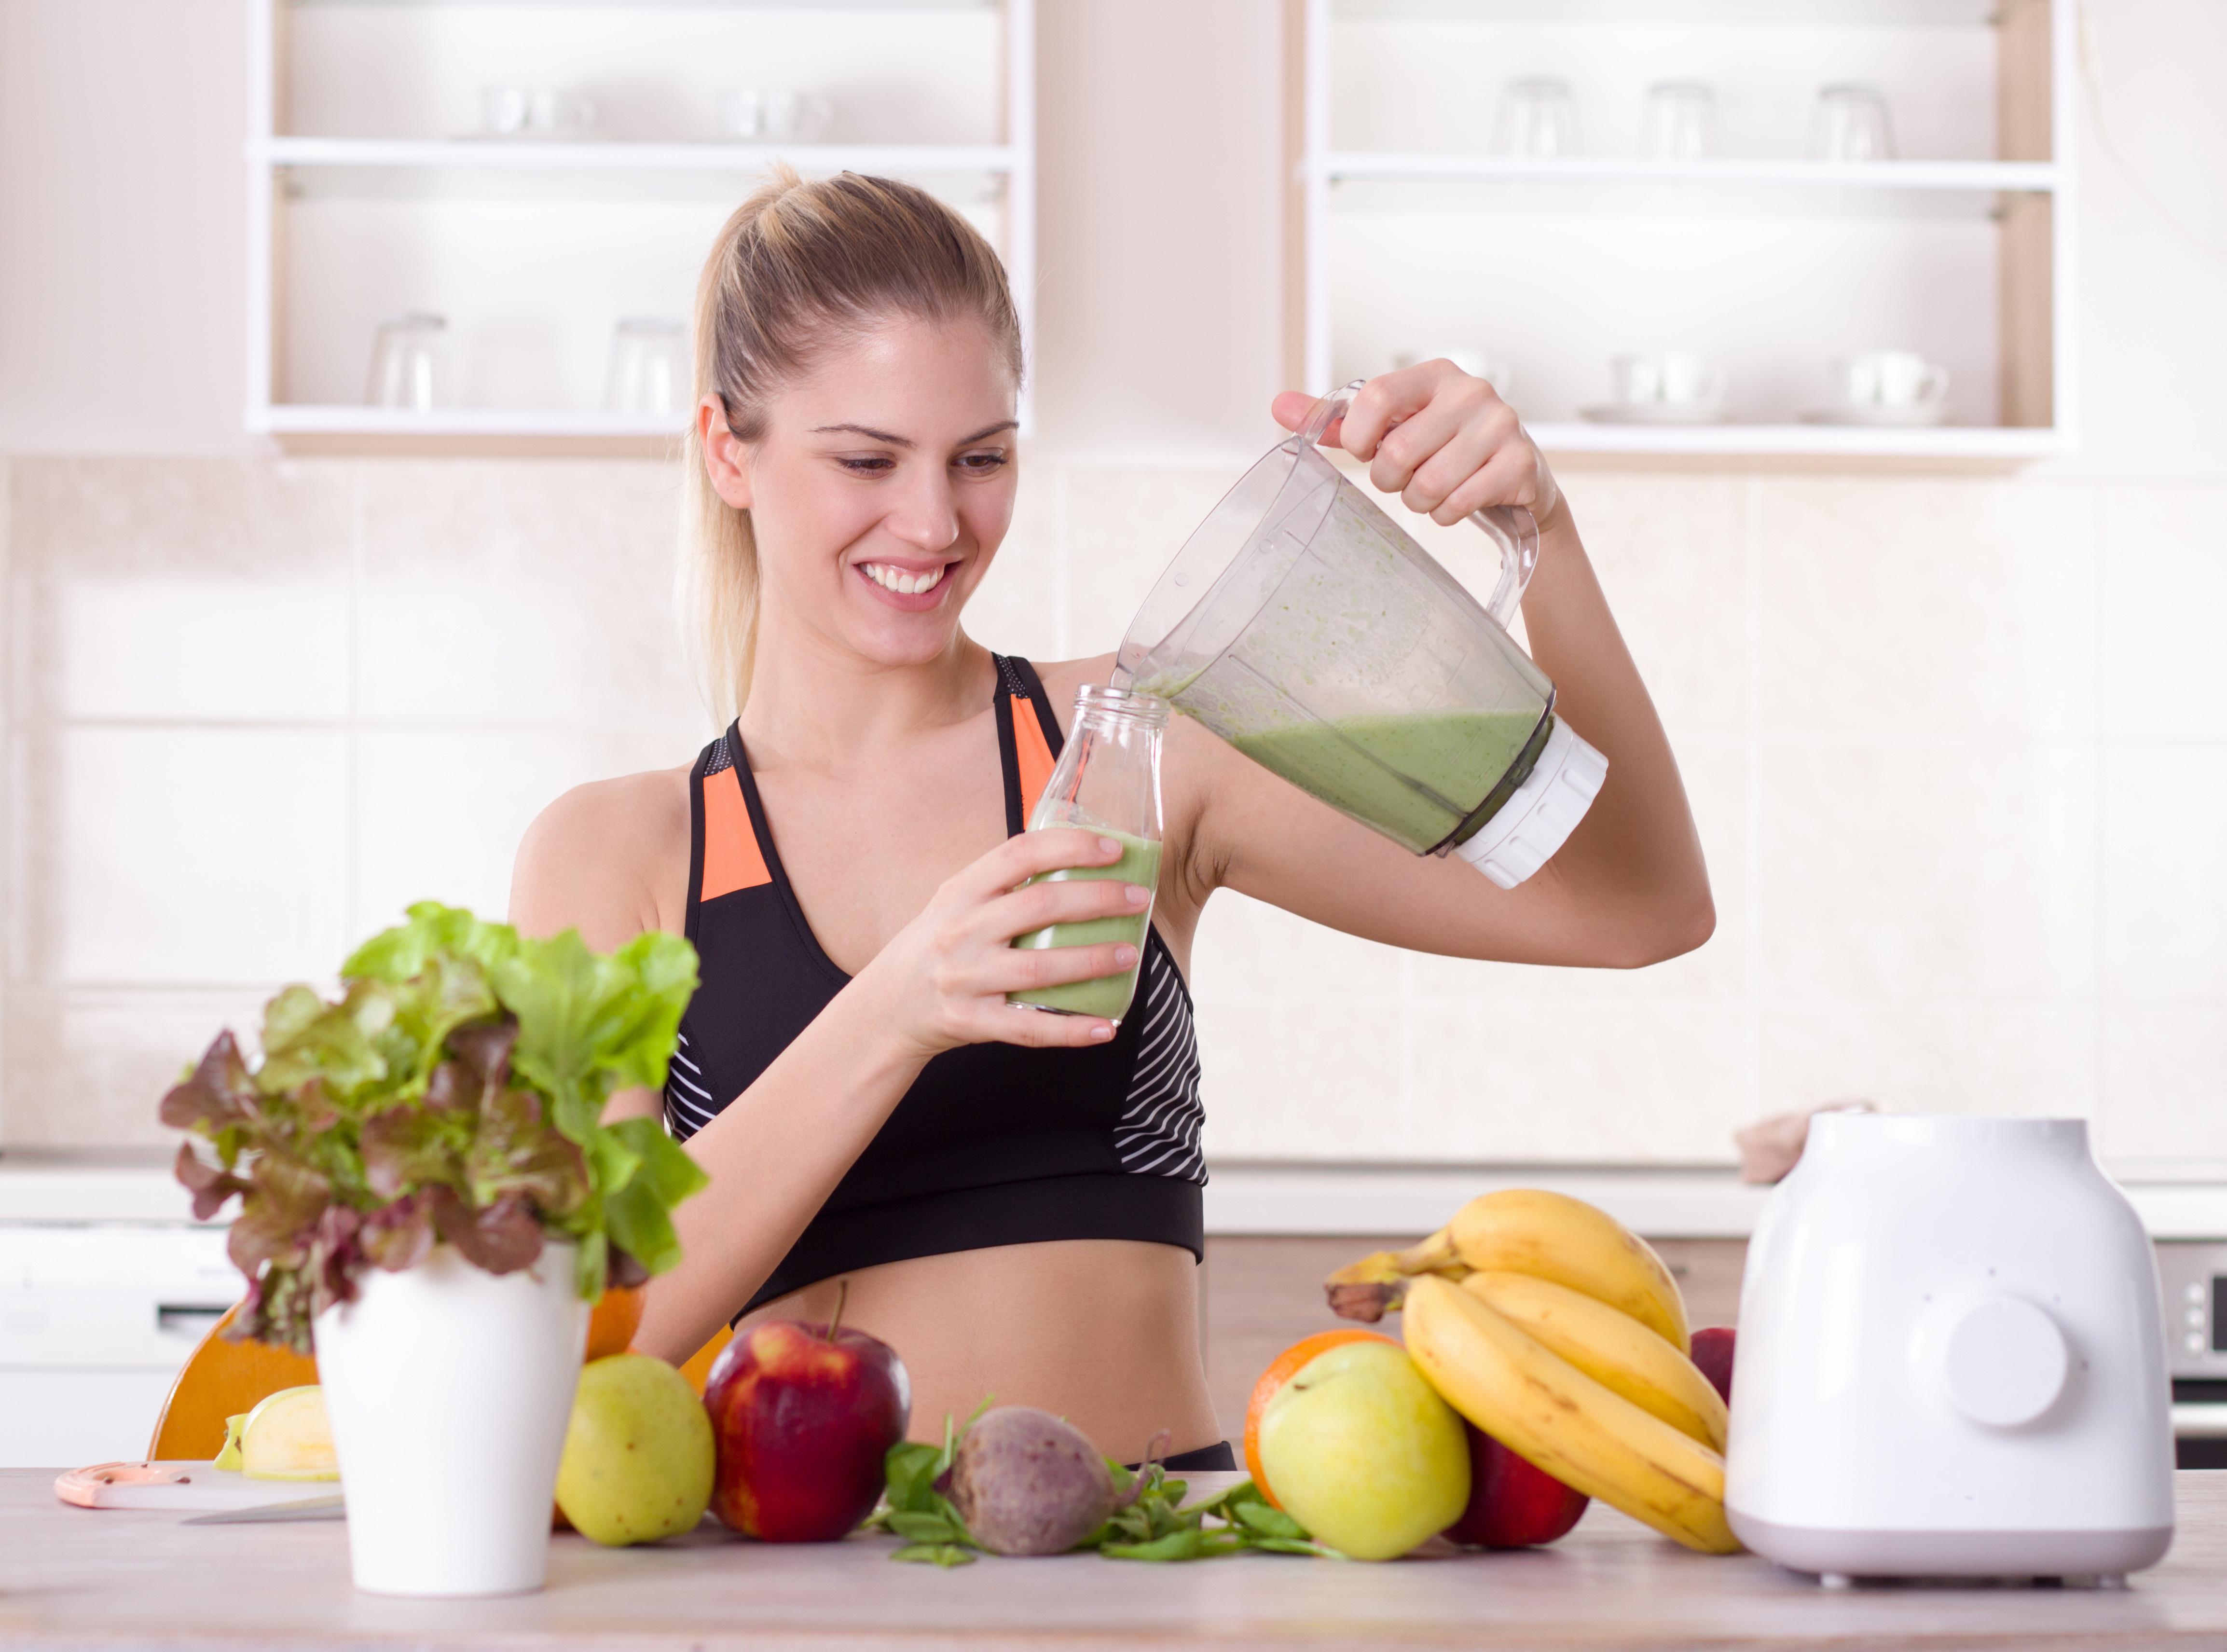 7 частих помилок, яких слід уникати при схудненні